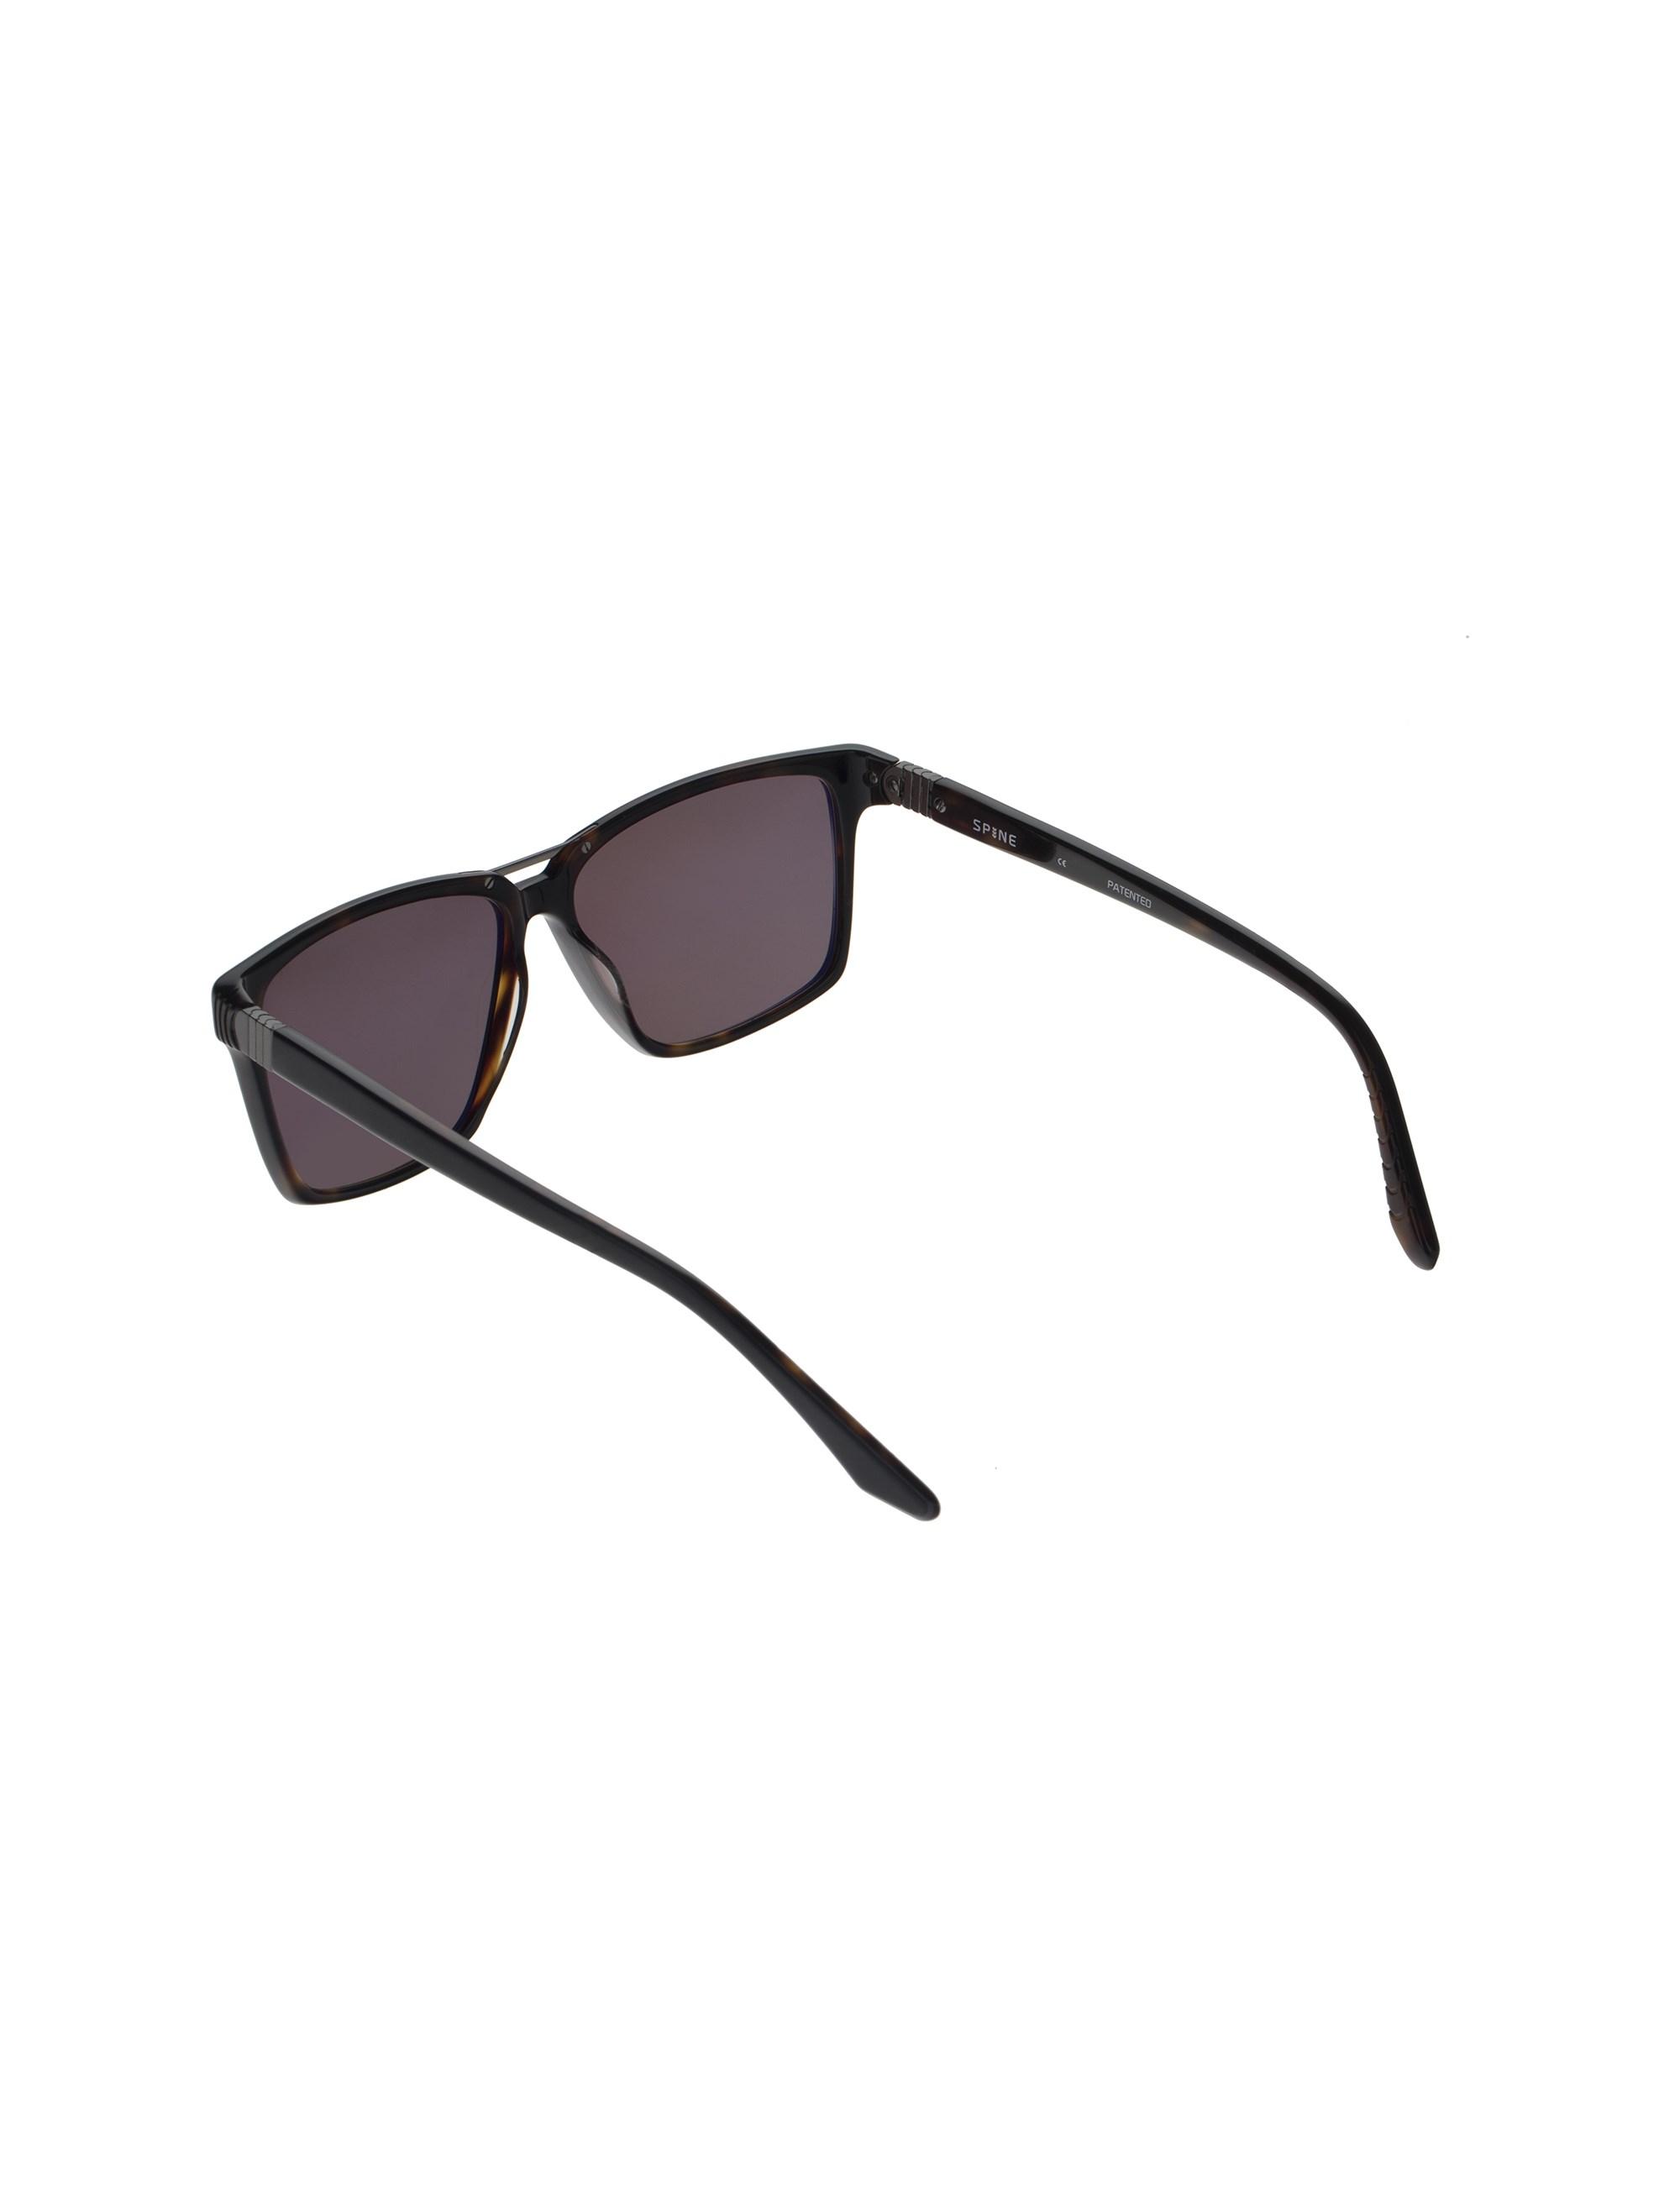 عینک آفتابی ویفرر مردانه - مشکي و قهوه اي - 4